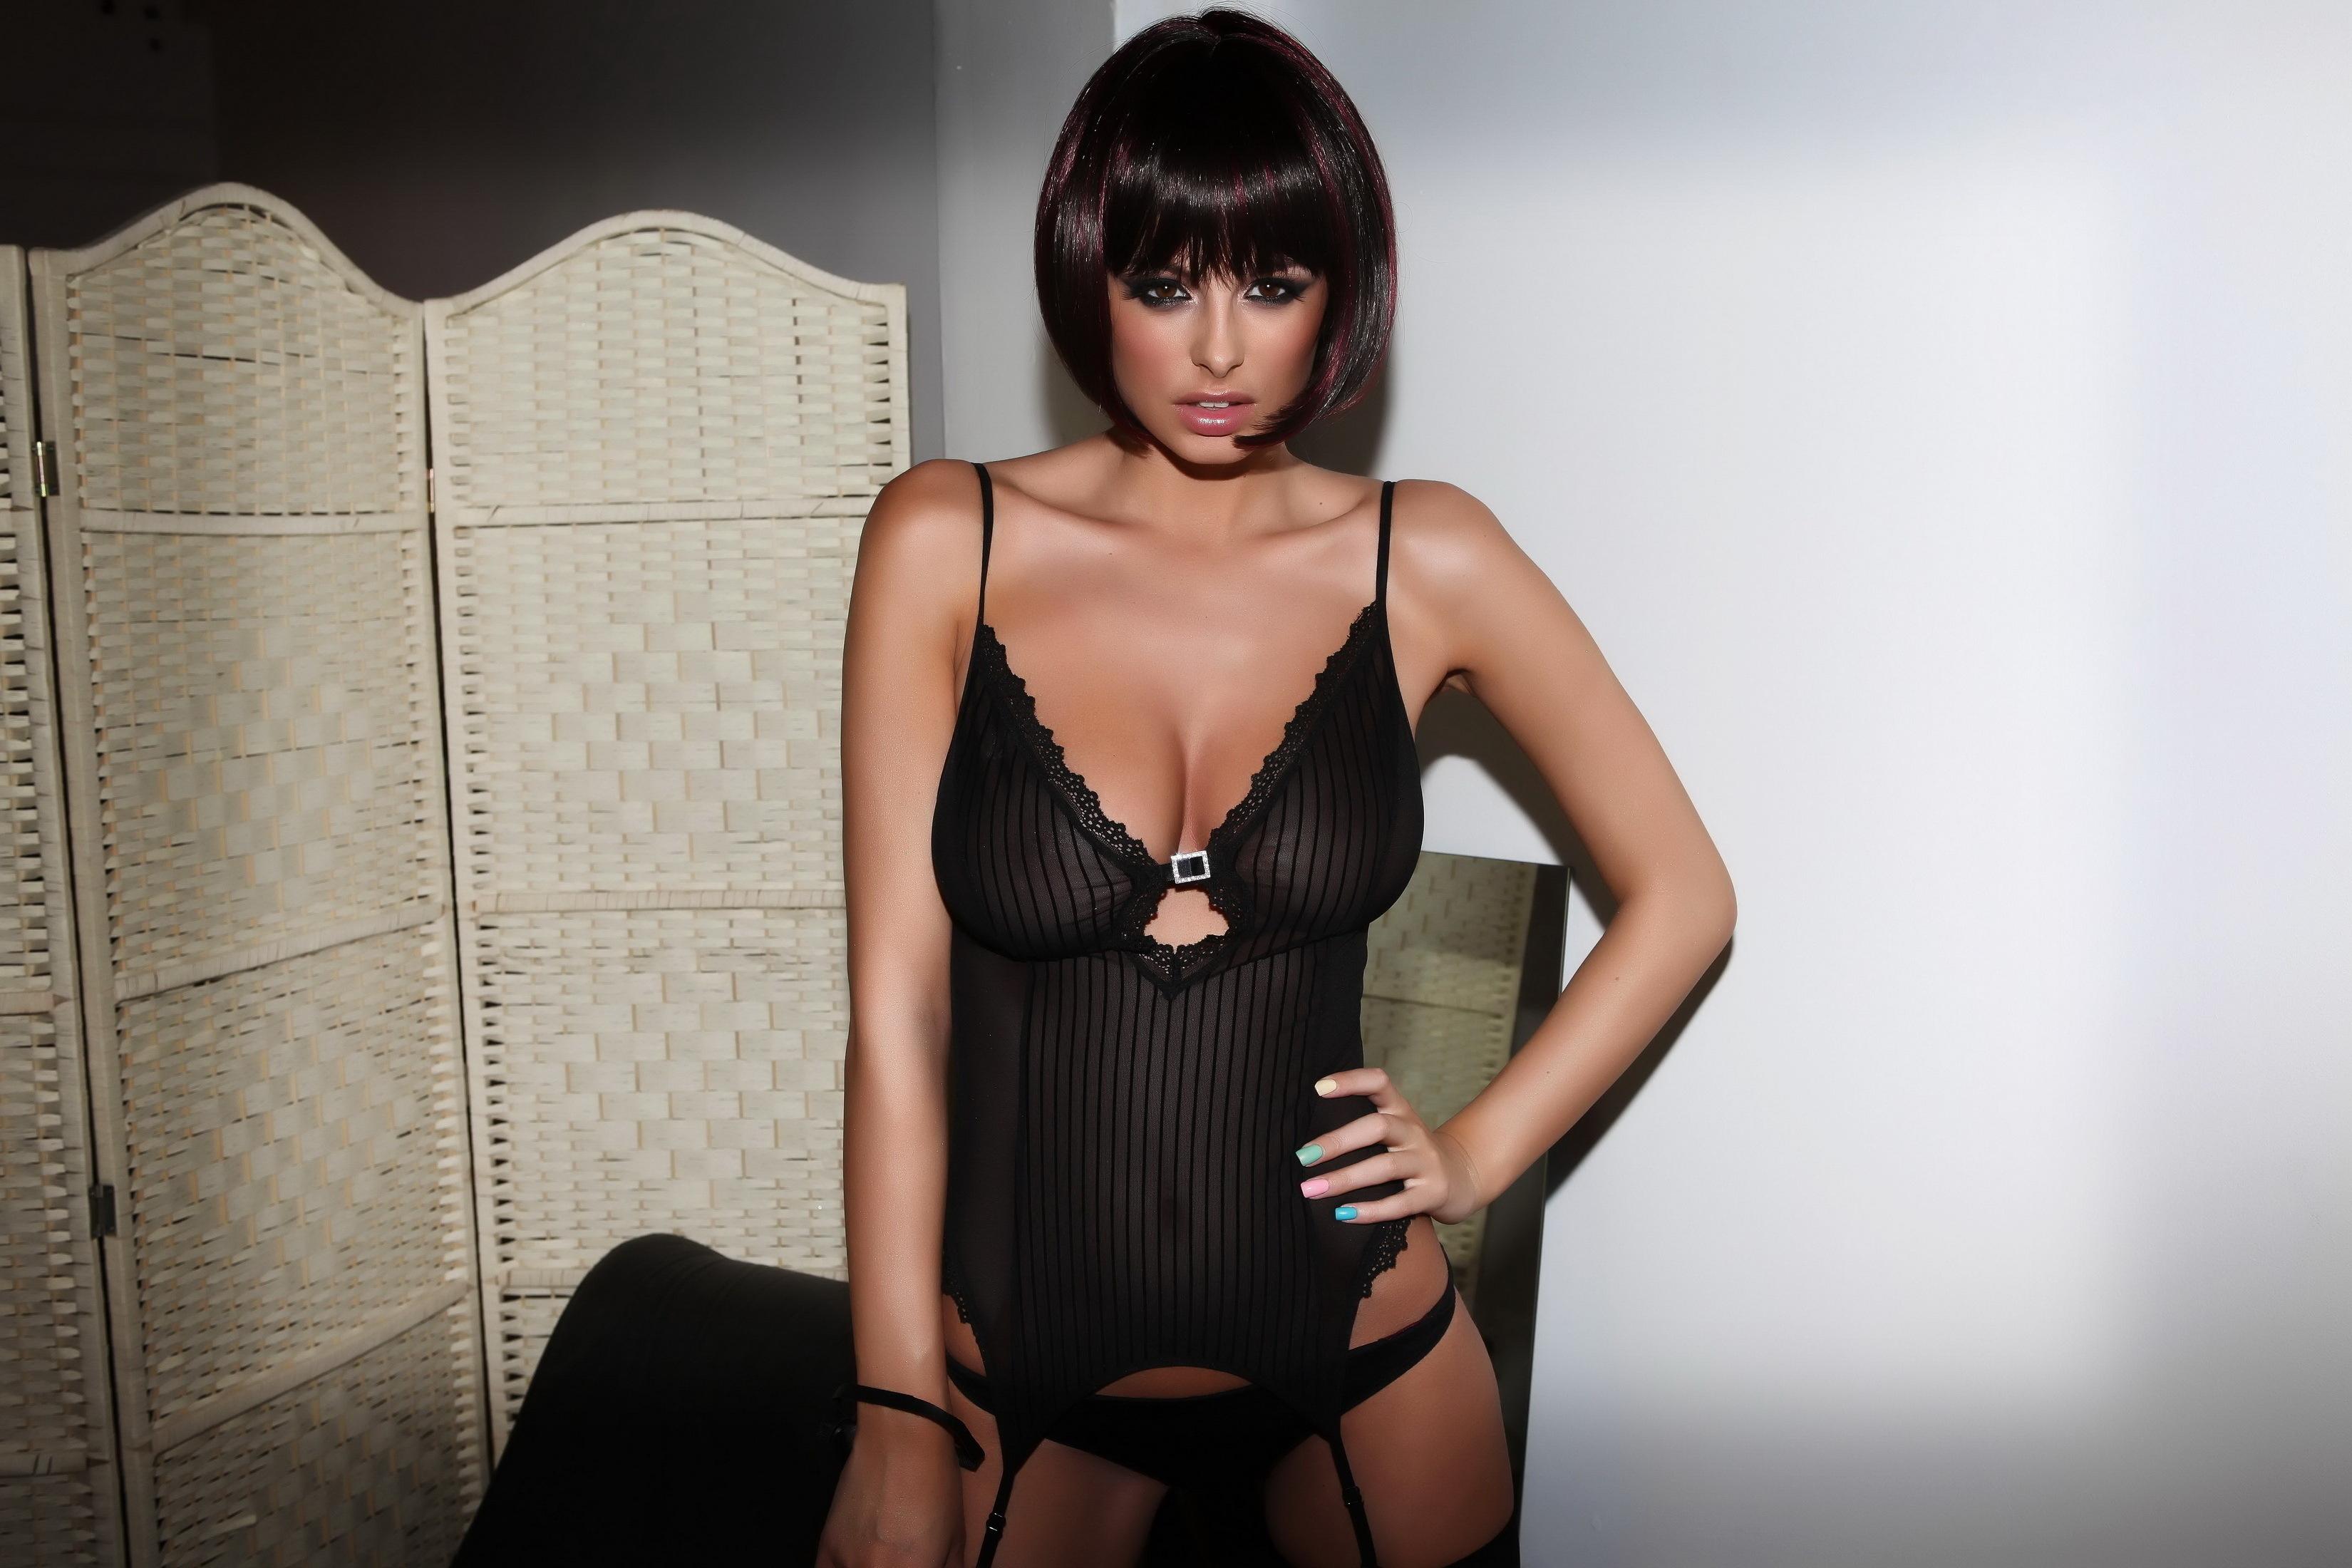 Порно голые женщины с короткой стрижкой